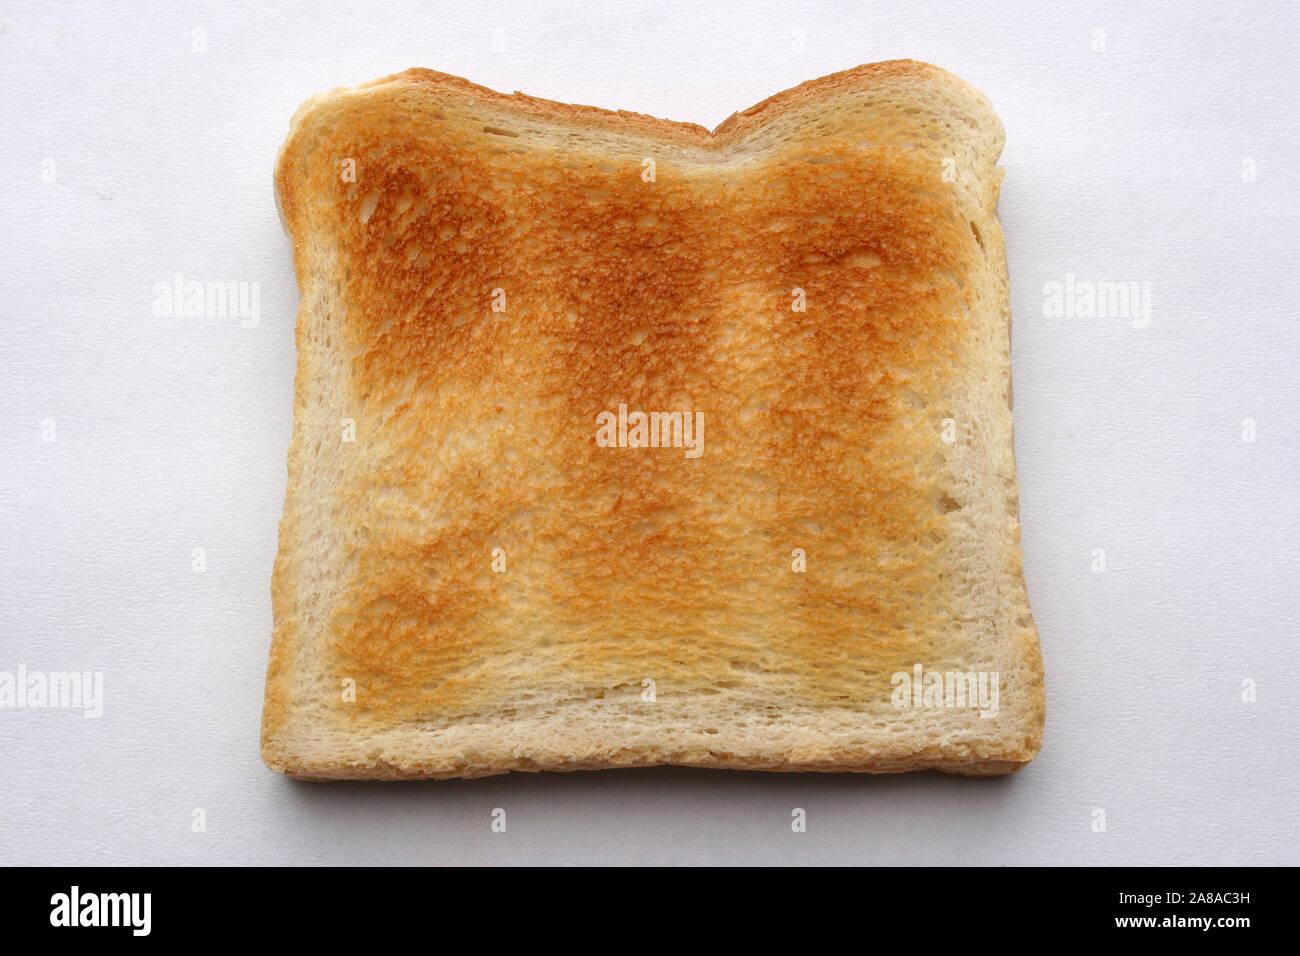 Toast, Scheibe Toast, Weissbrot, Toastbrot, Lebensmittel, getoastet, Stock Photo